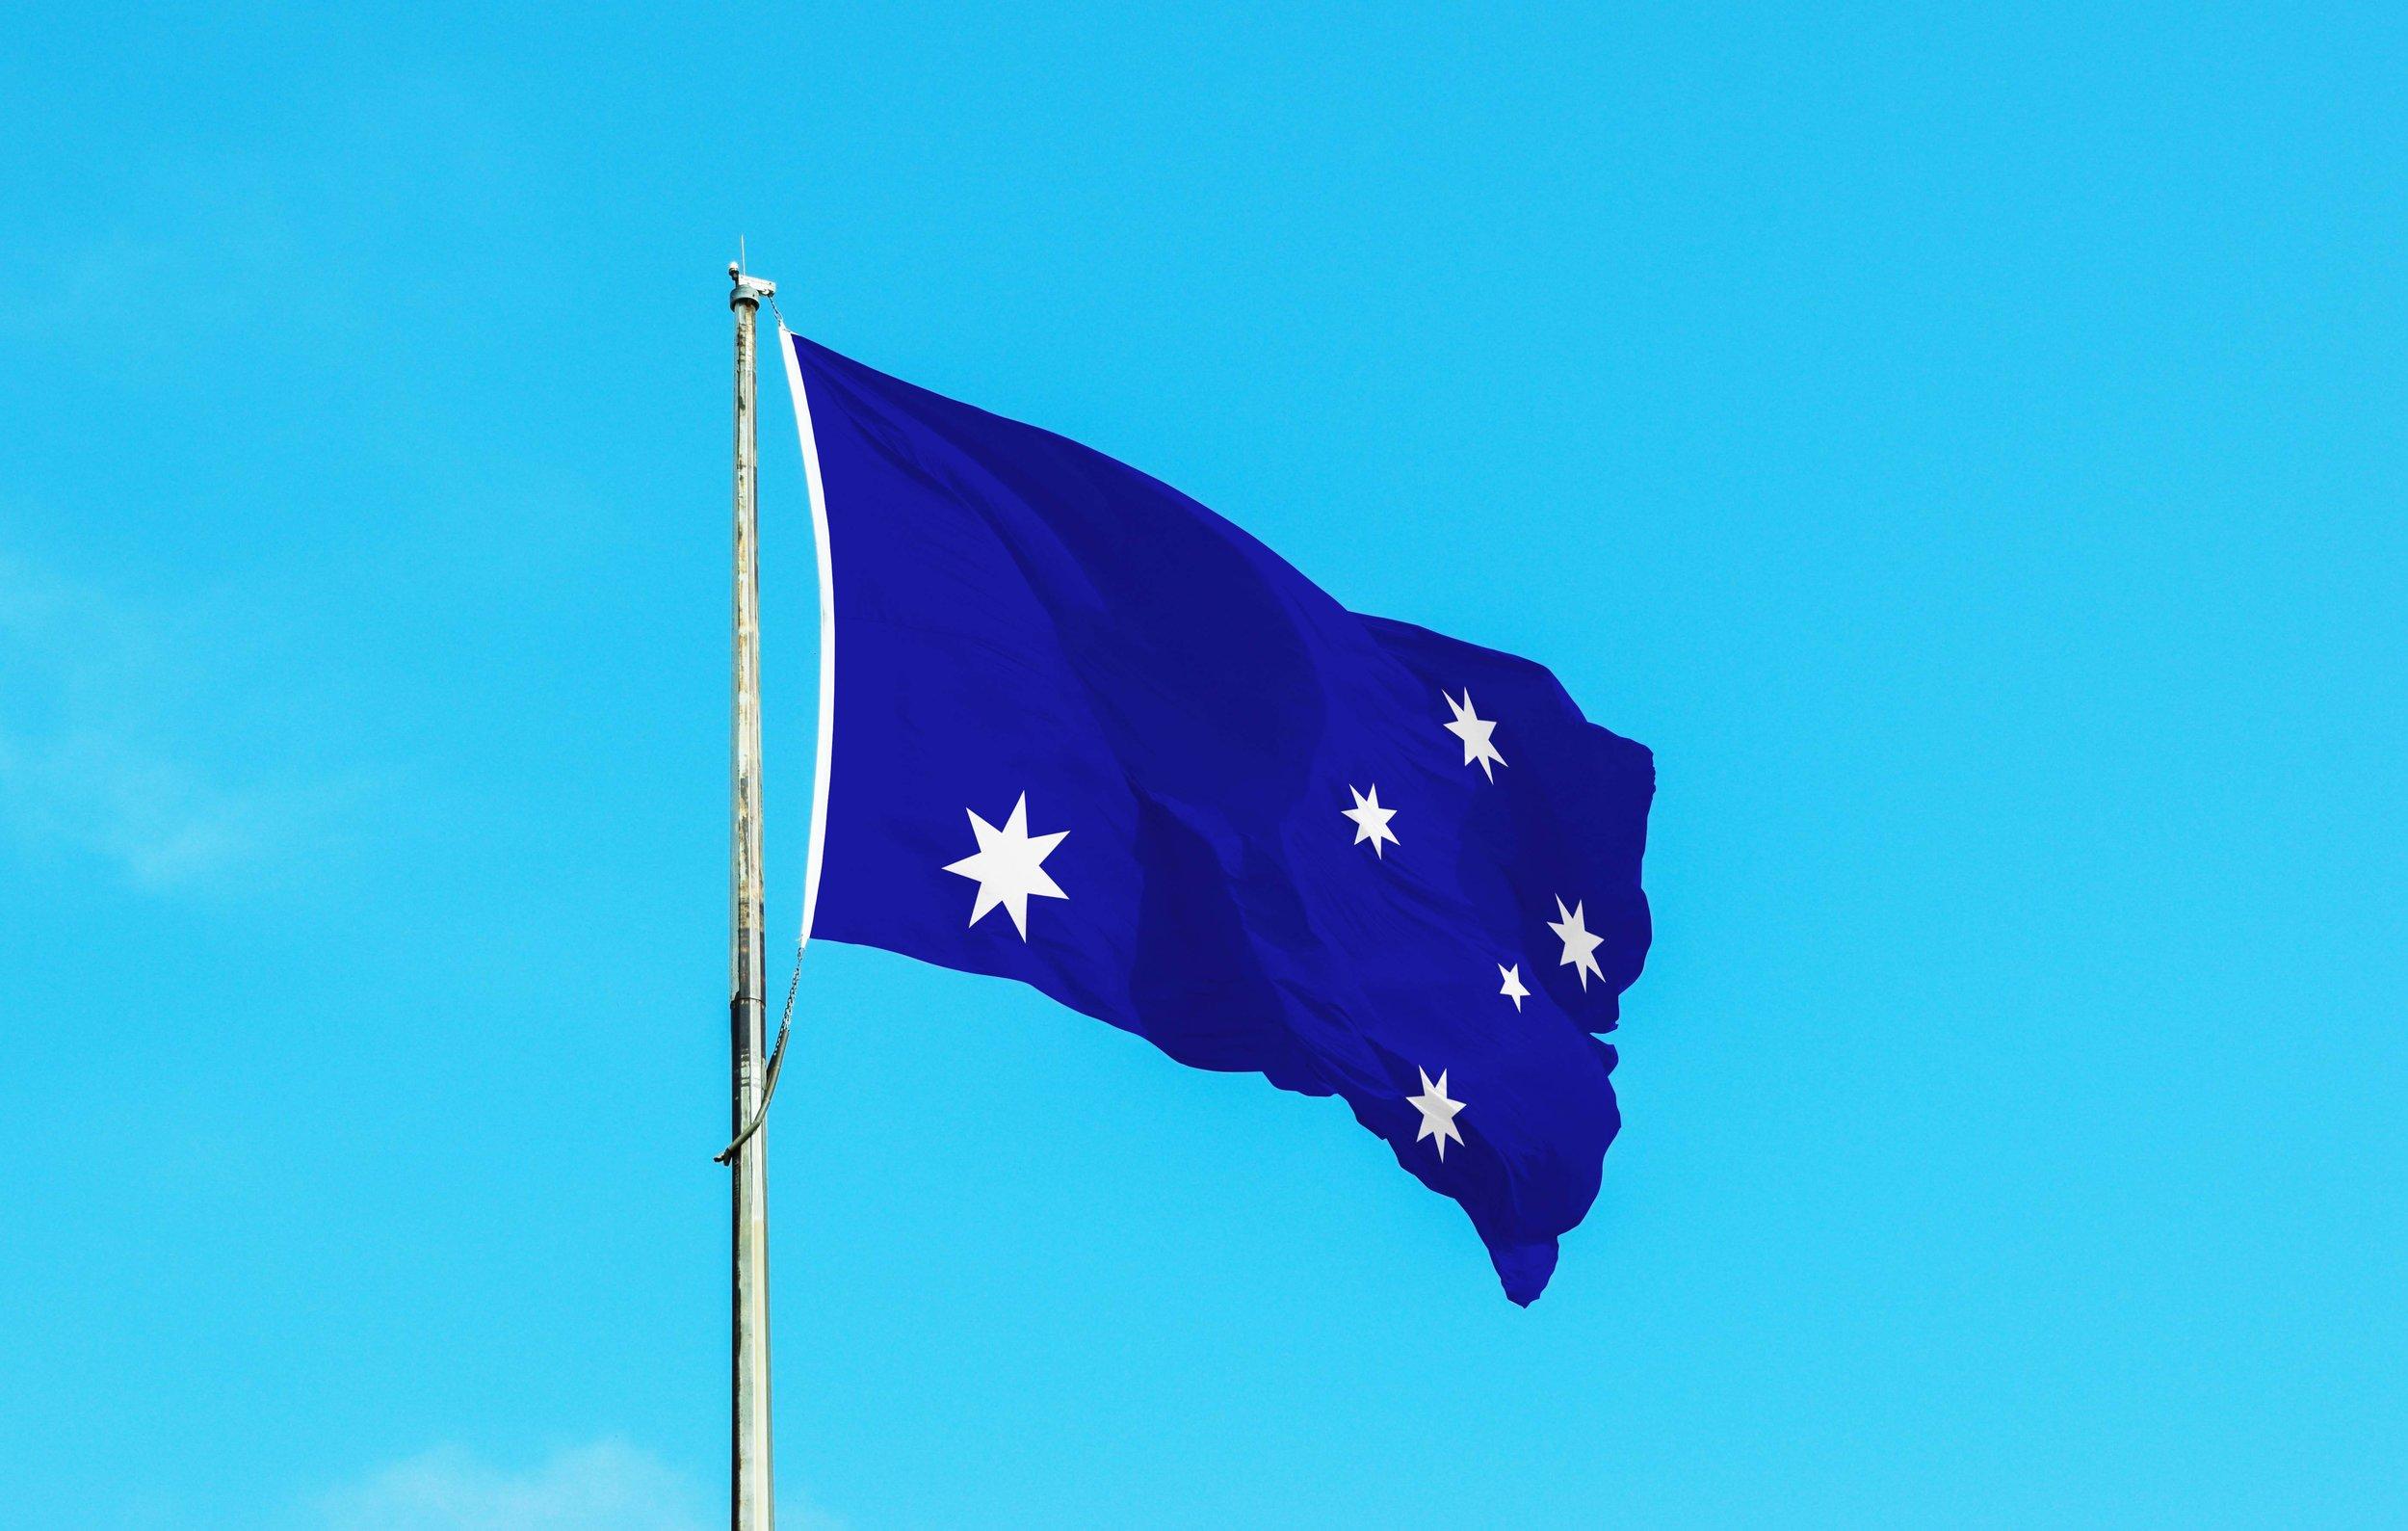 Jackless Flag of Australia Flag Pole.jpg